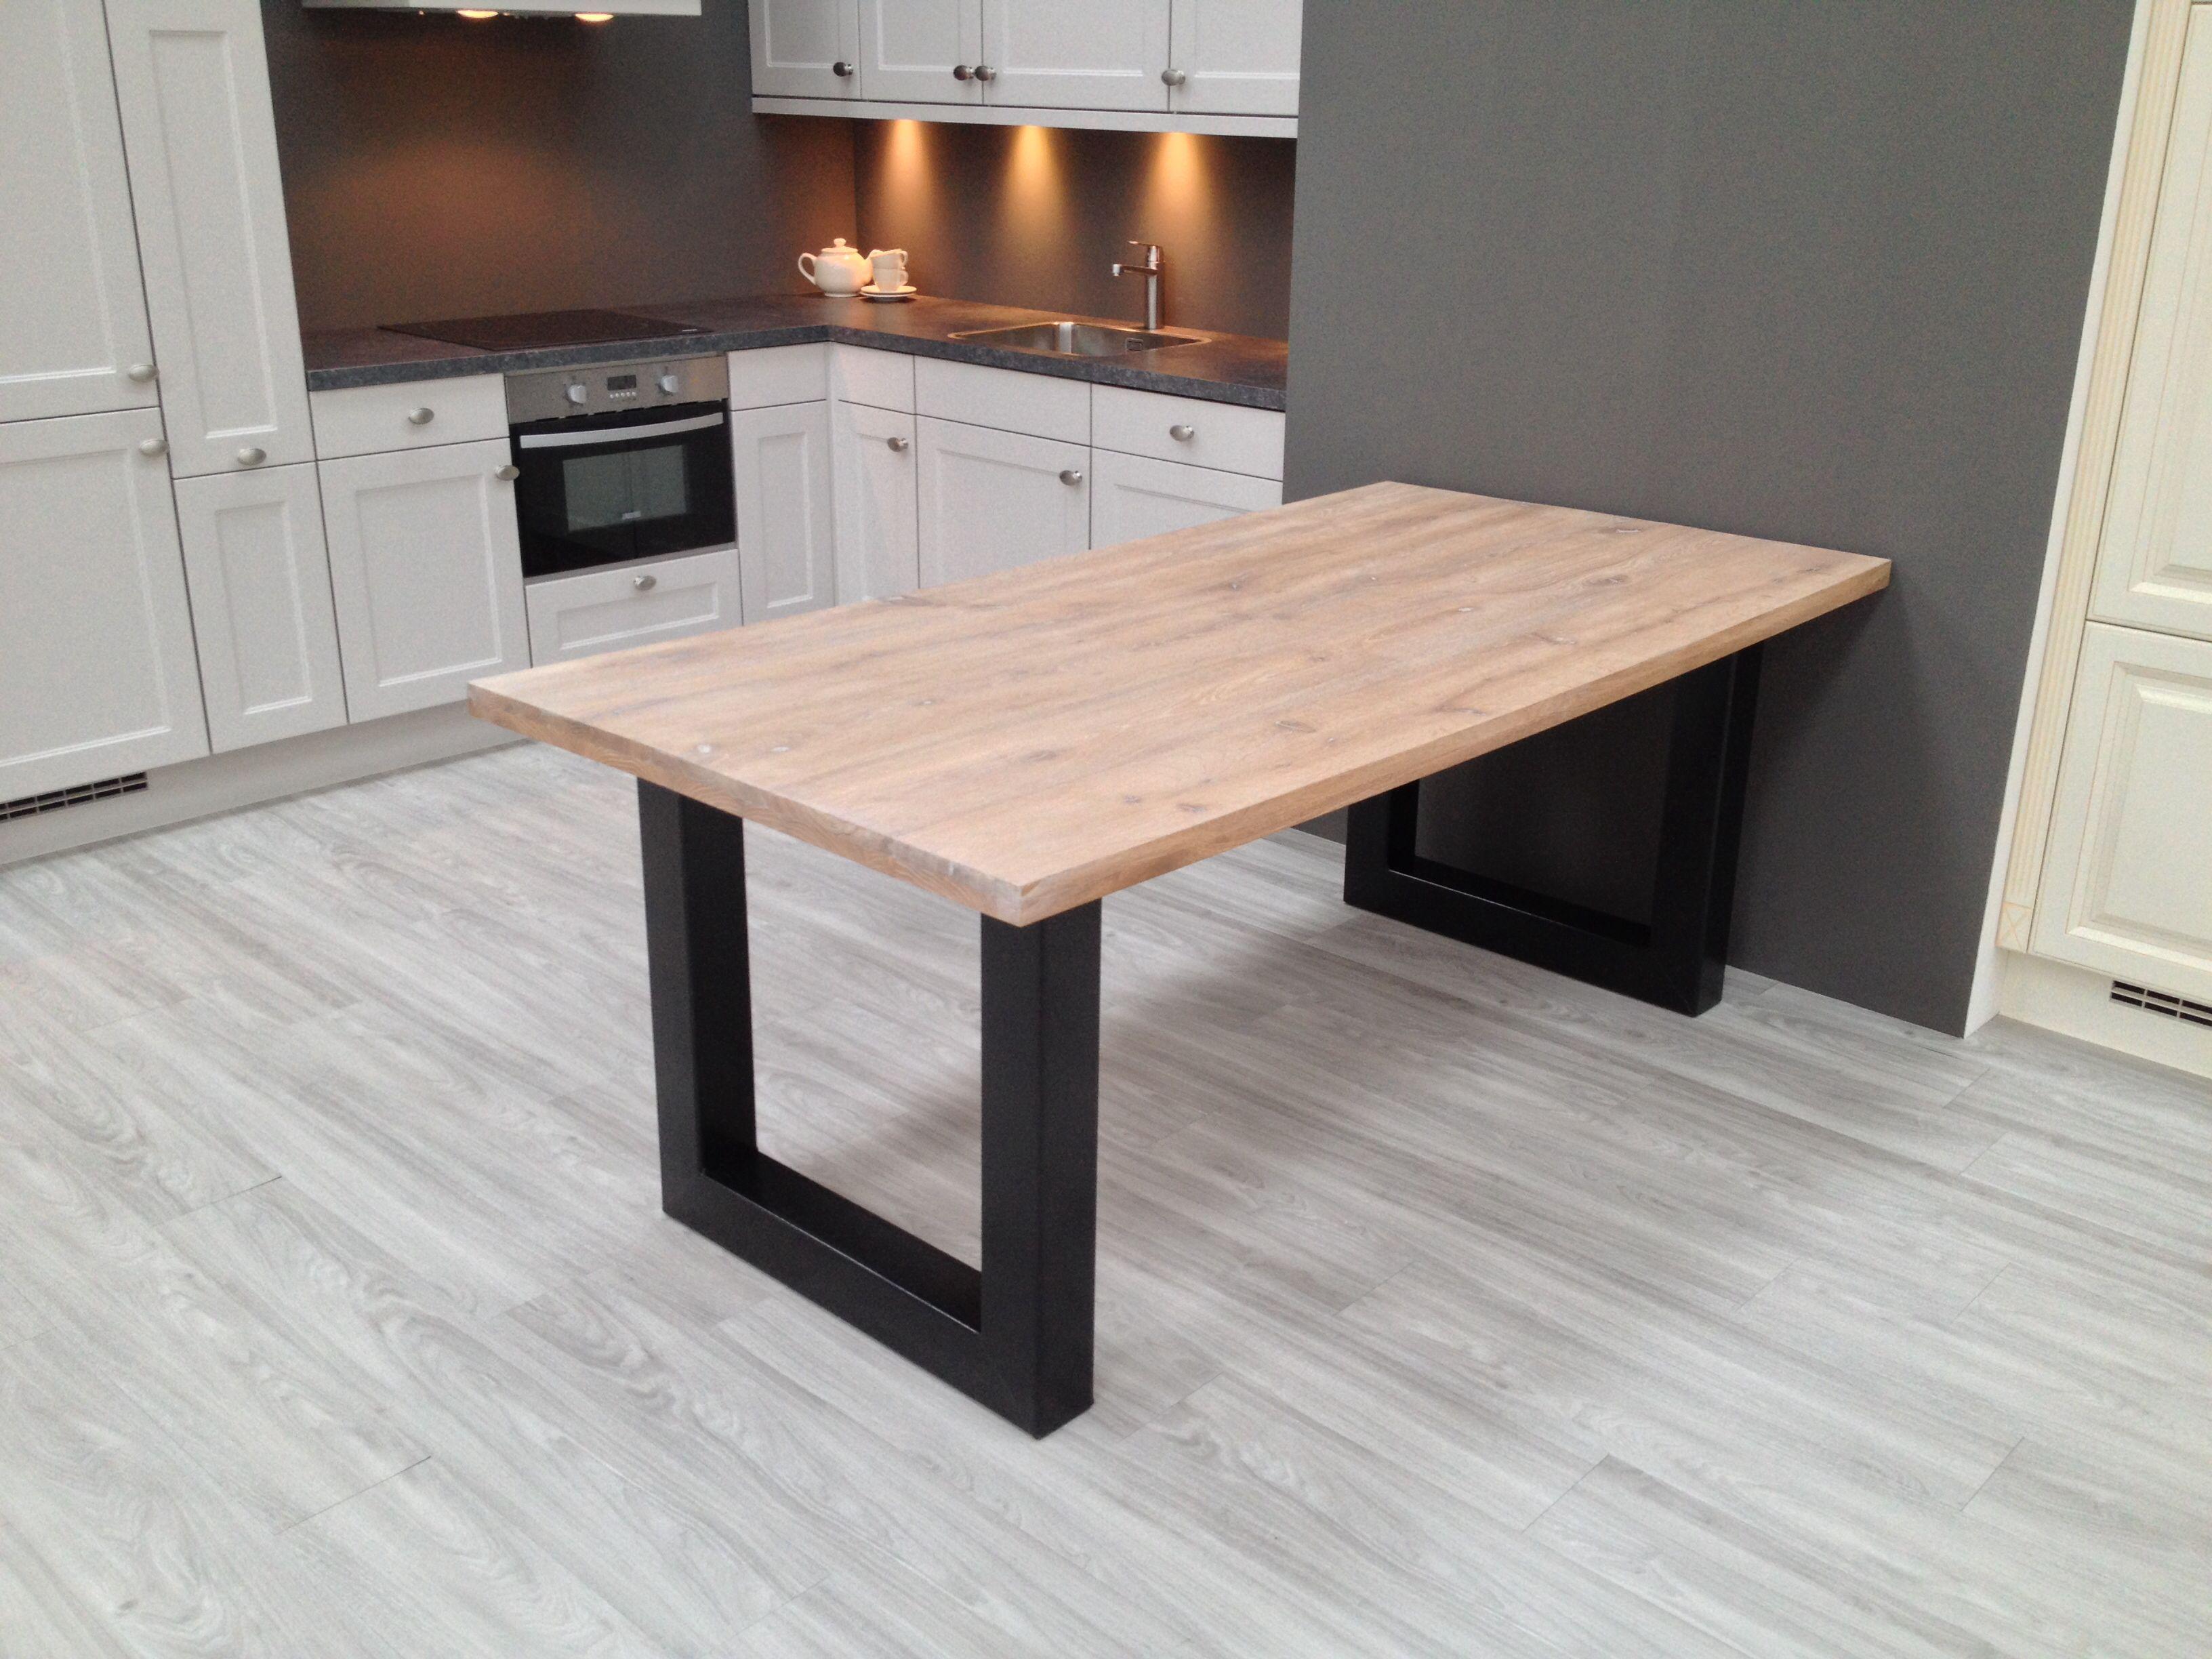 Gerookt Eiken Tafel : Mooie tafel met een metalen onderstel en een gerookt eiken tafelblad